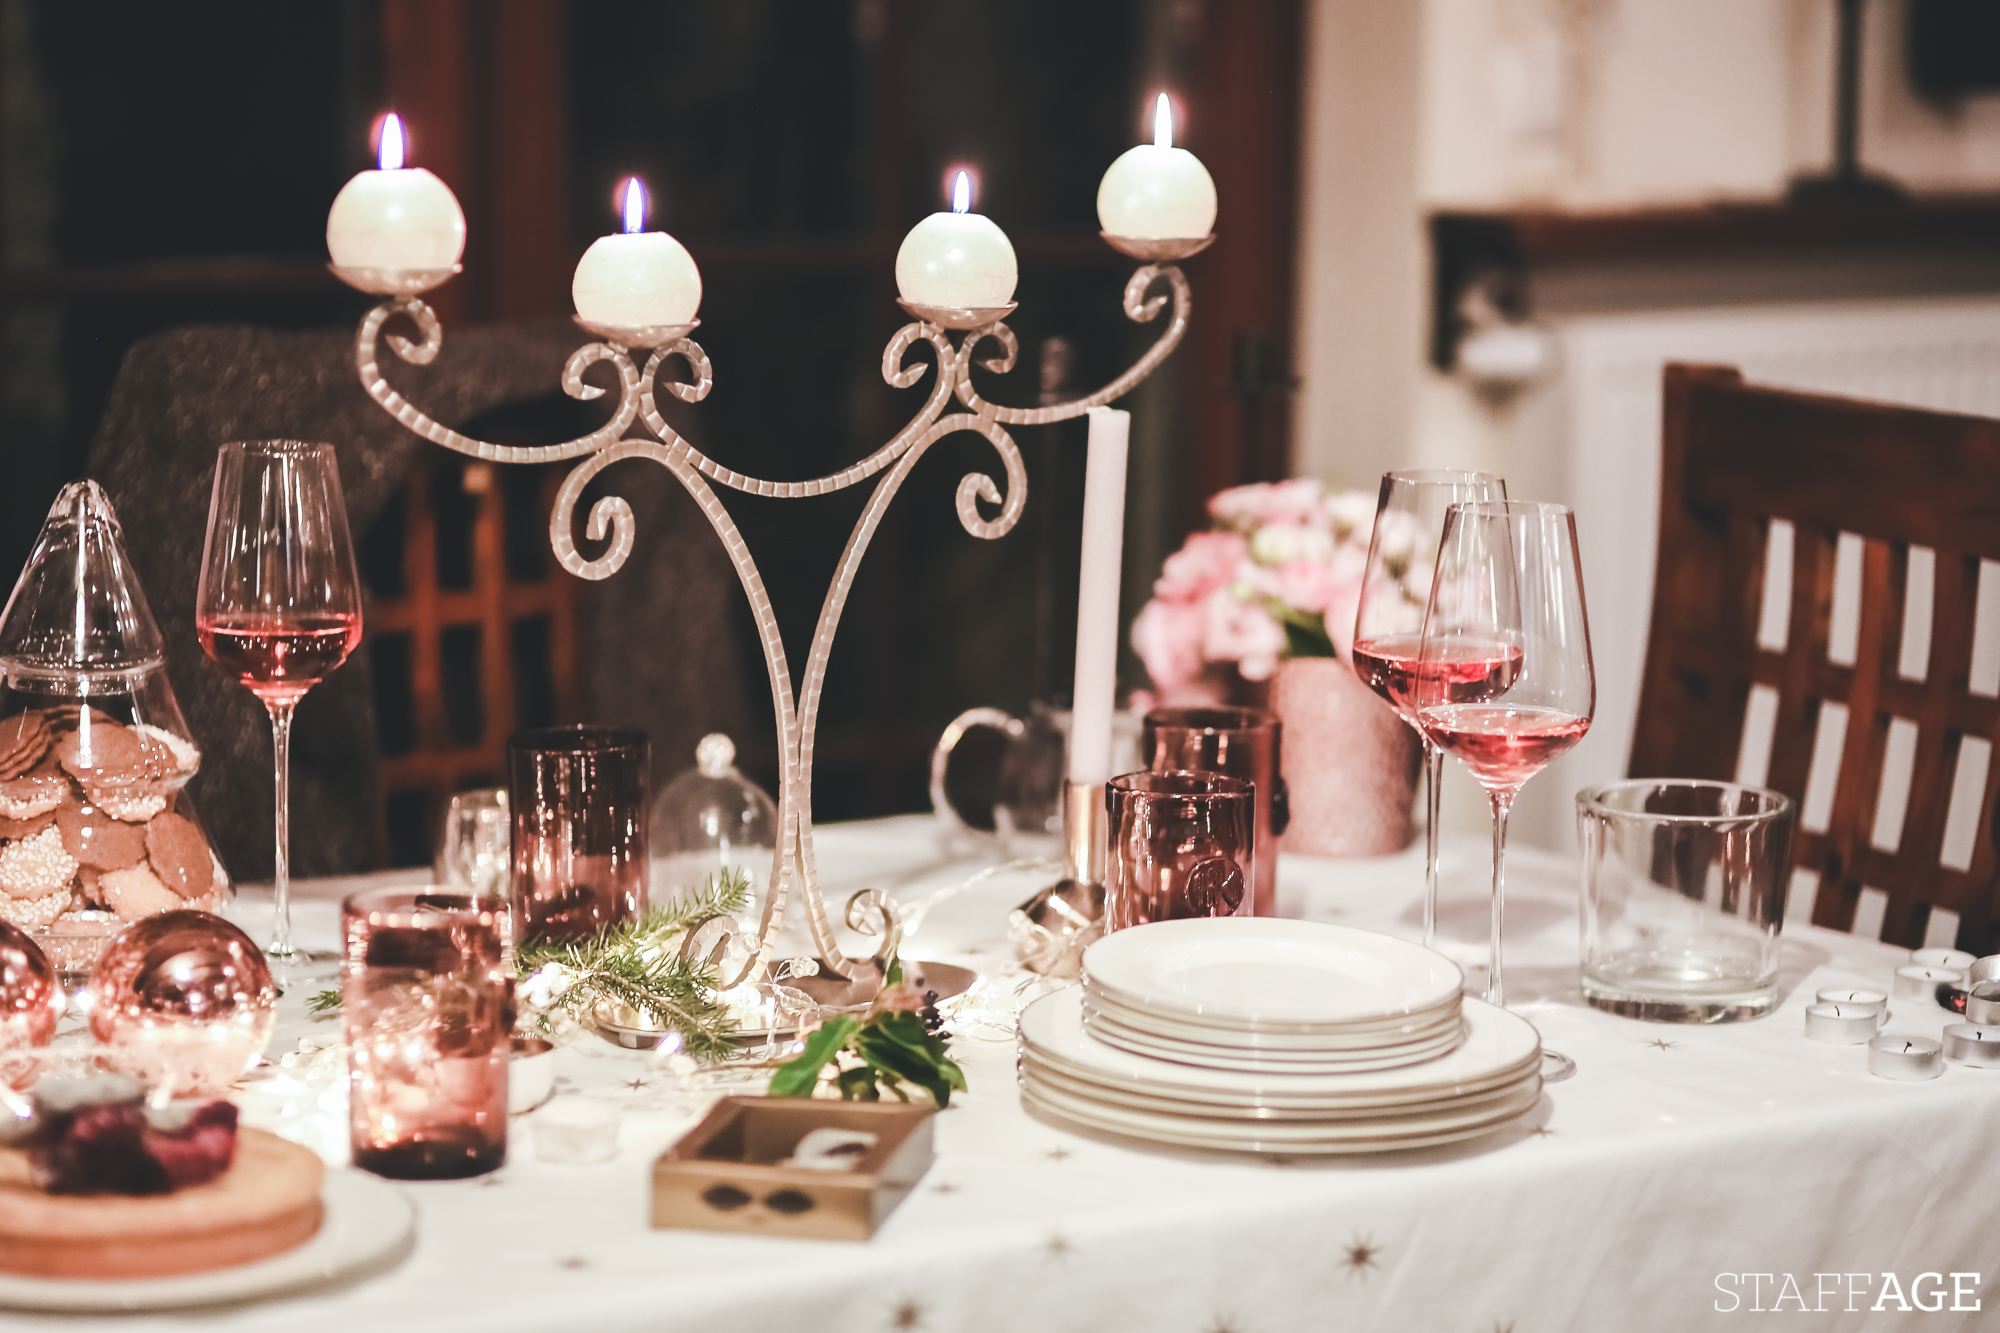 17 Staffagepl wigilijny stol pomysly na jadalnie swiateczne aranzacje chrstmas table settings ideas interior design winter flowers tableware